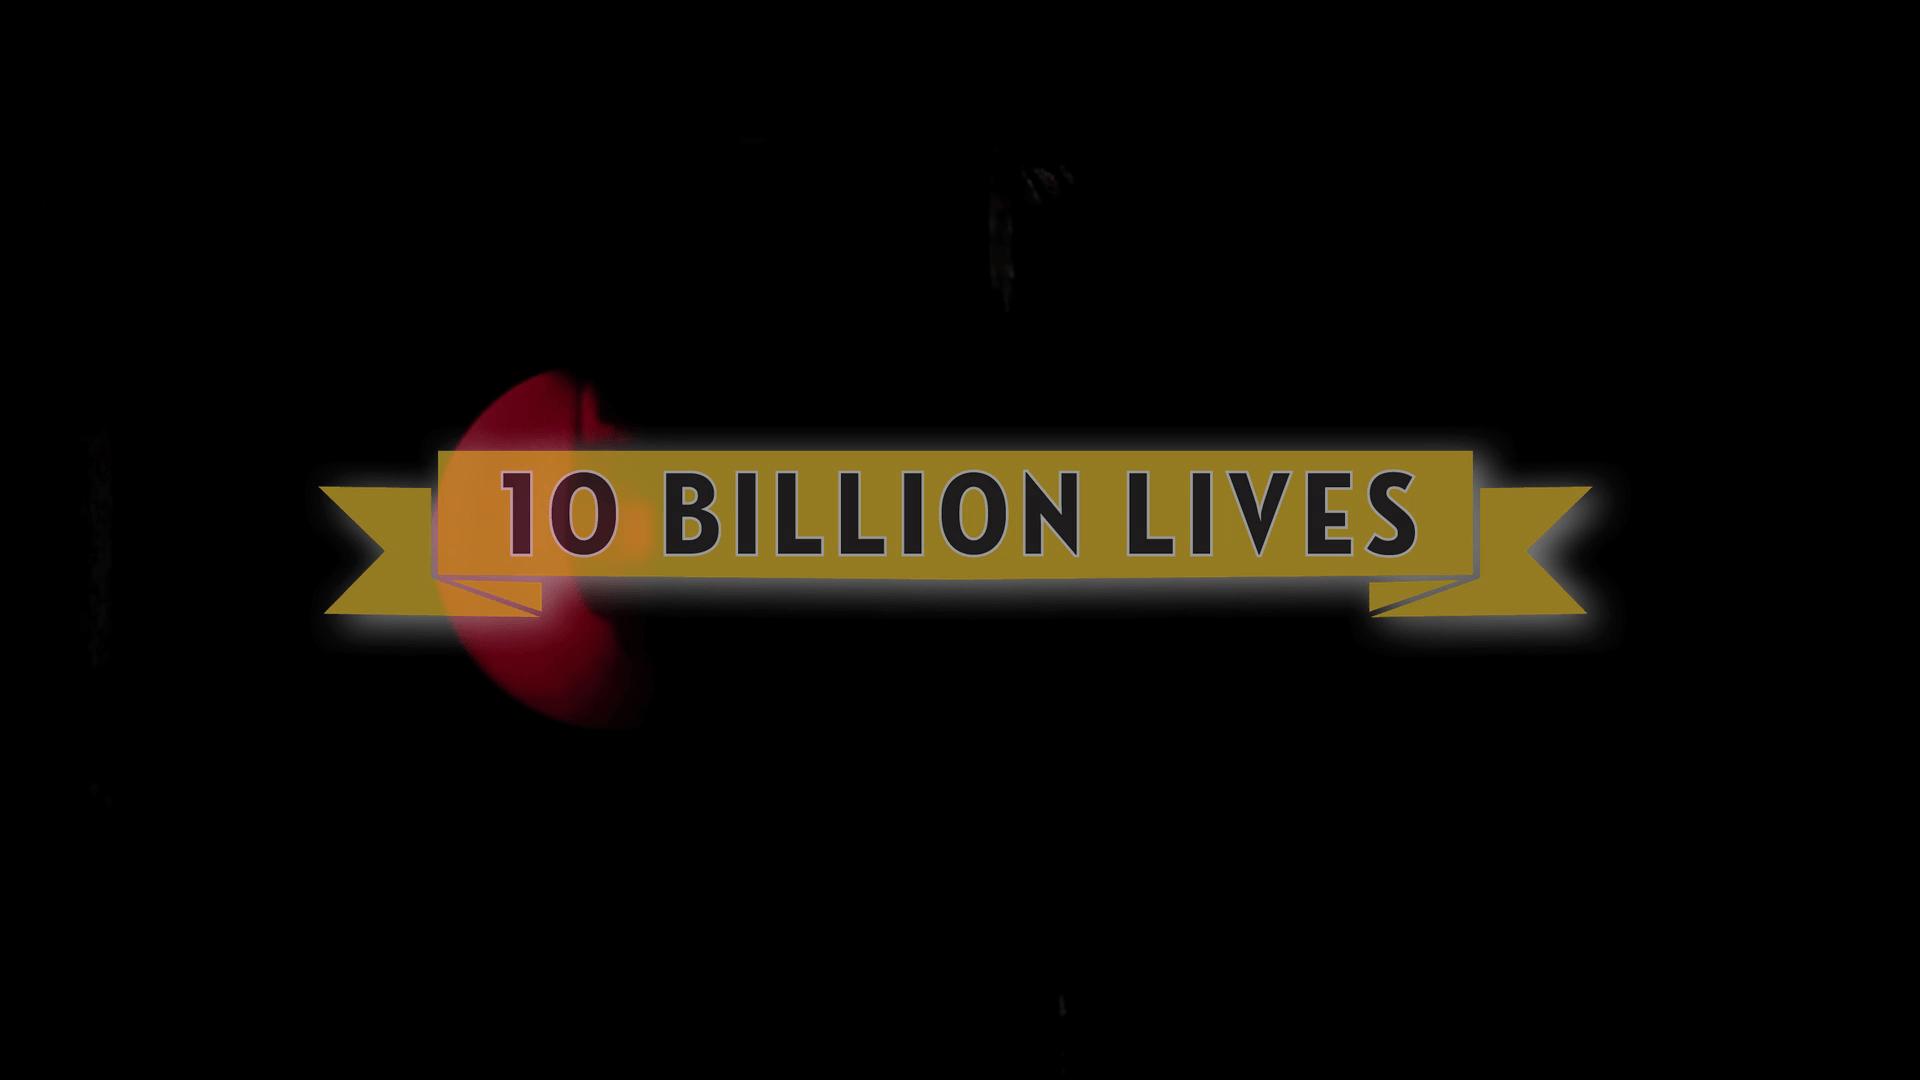 A Story About 10 Billion Lives